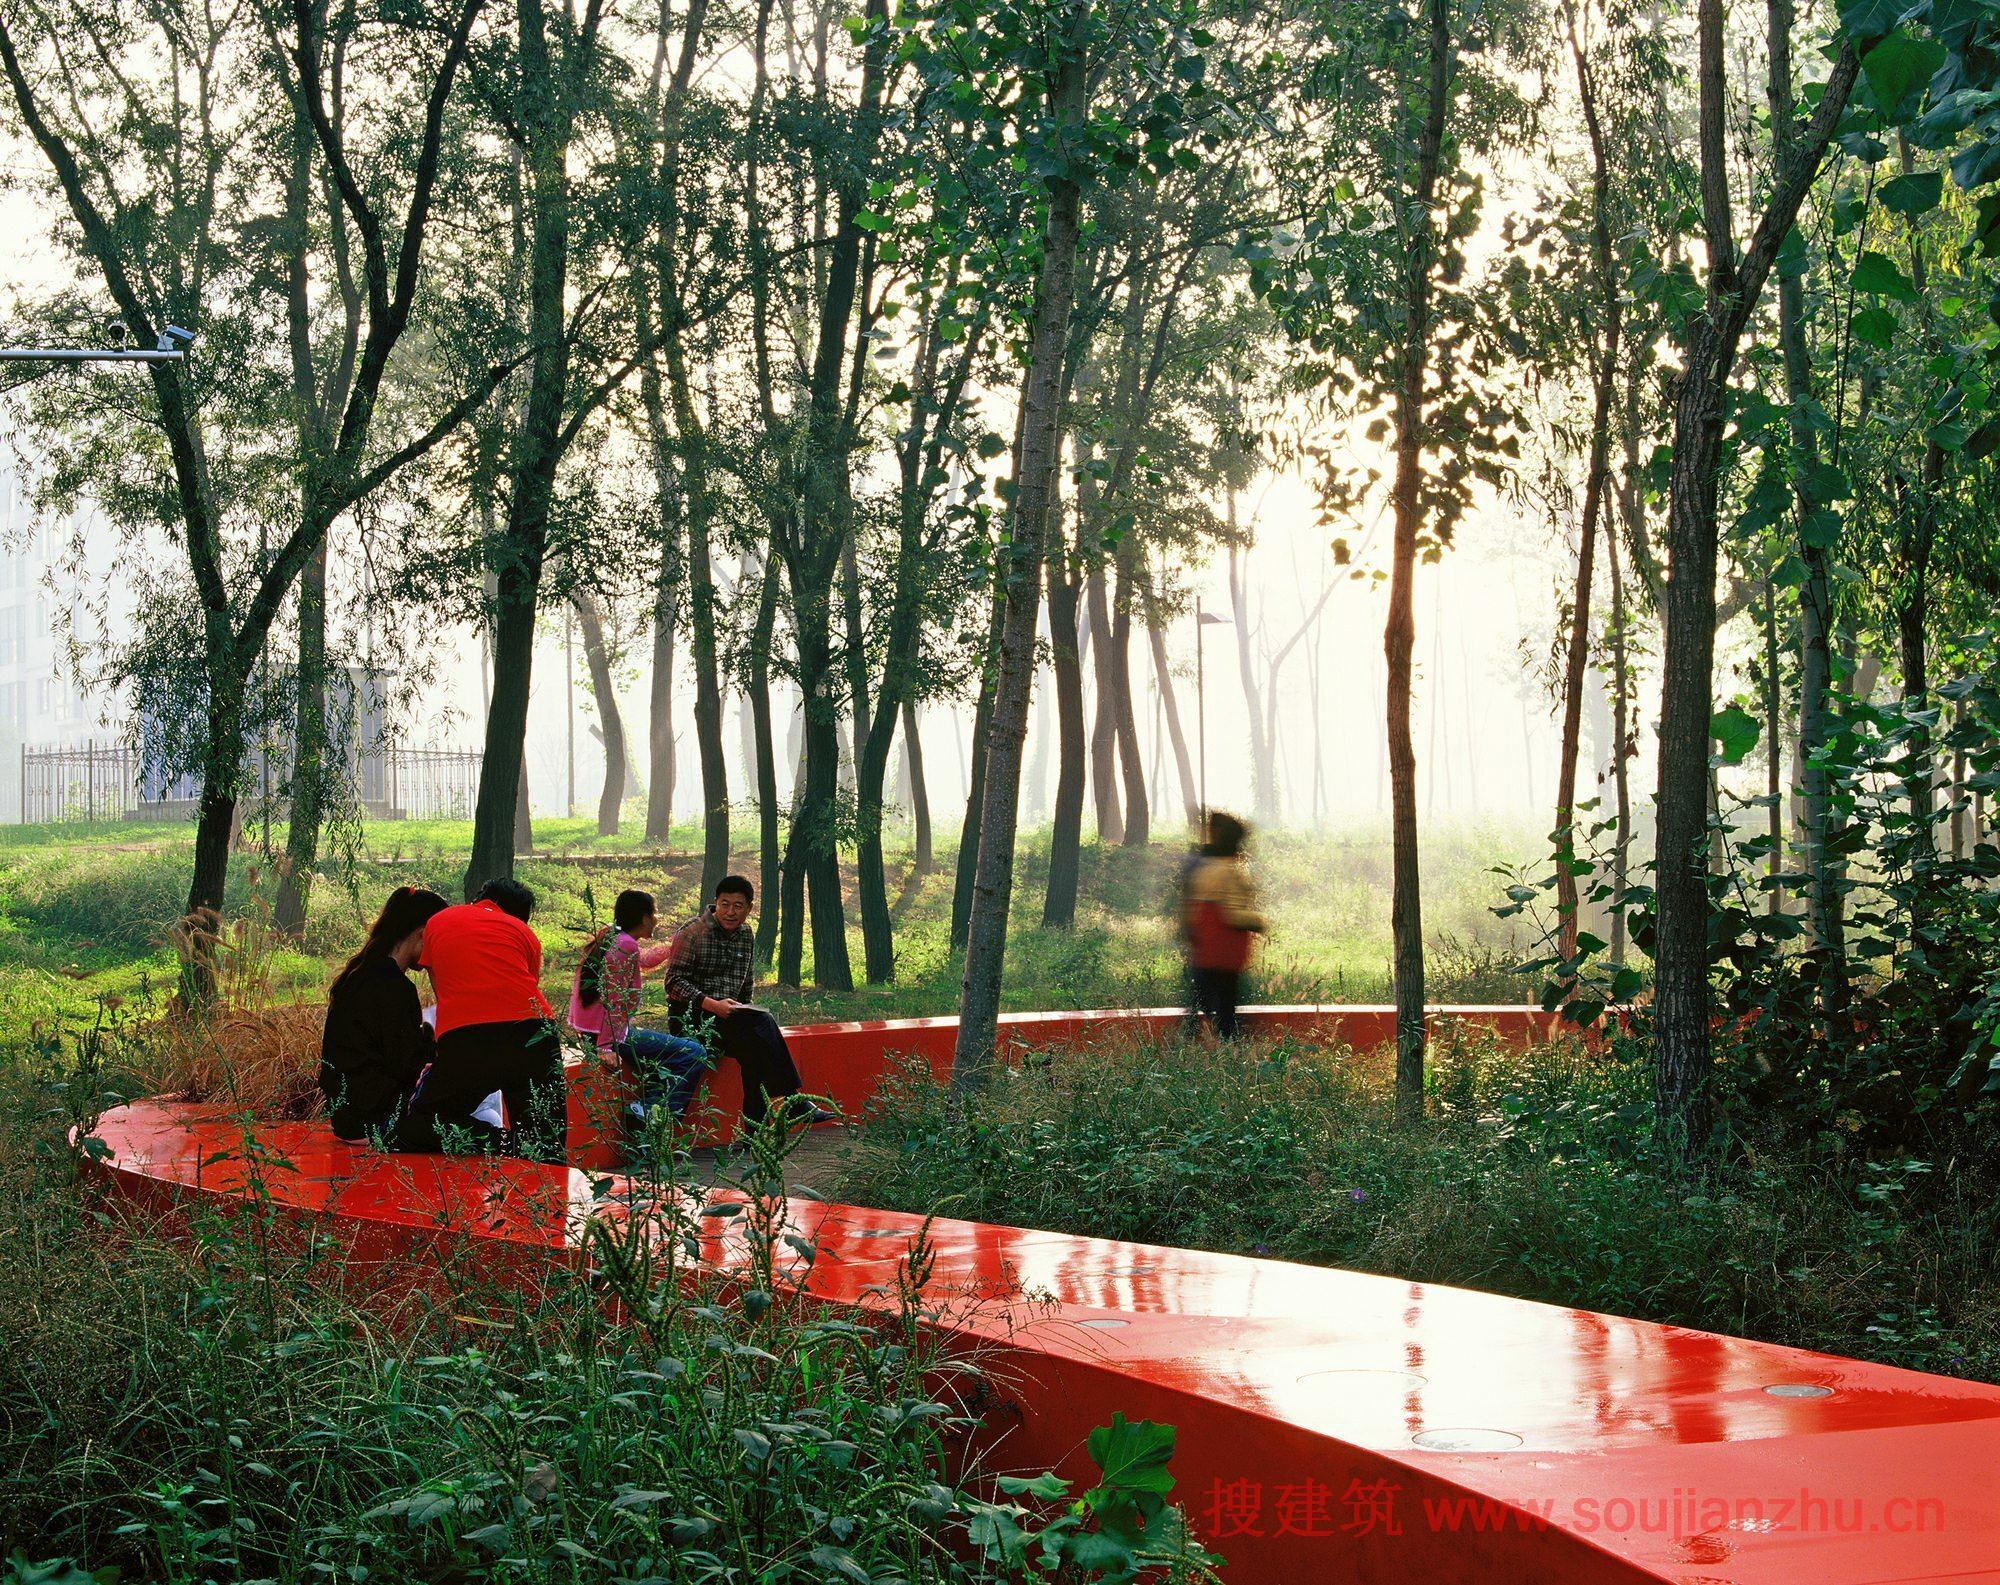 河北·秦皇岛红丝带公园---turenscape